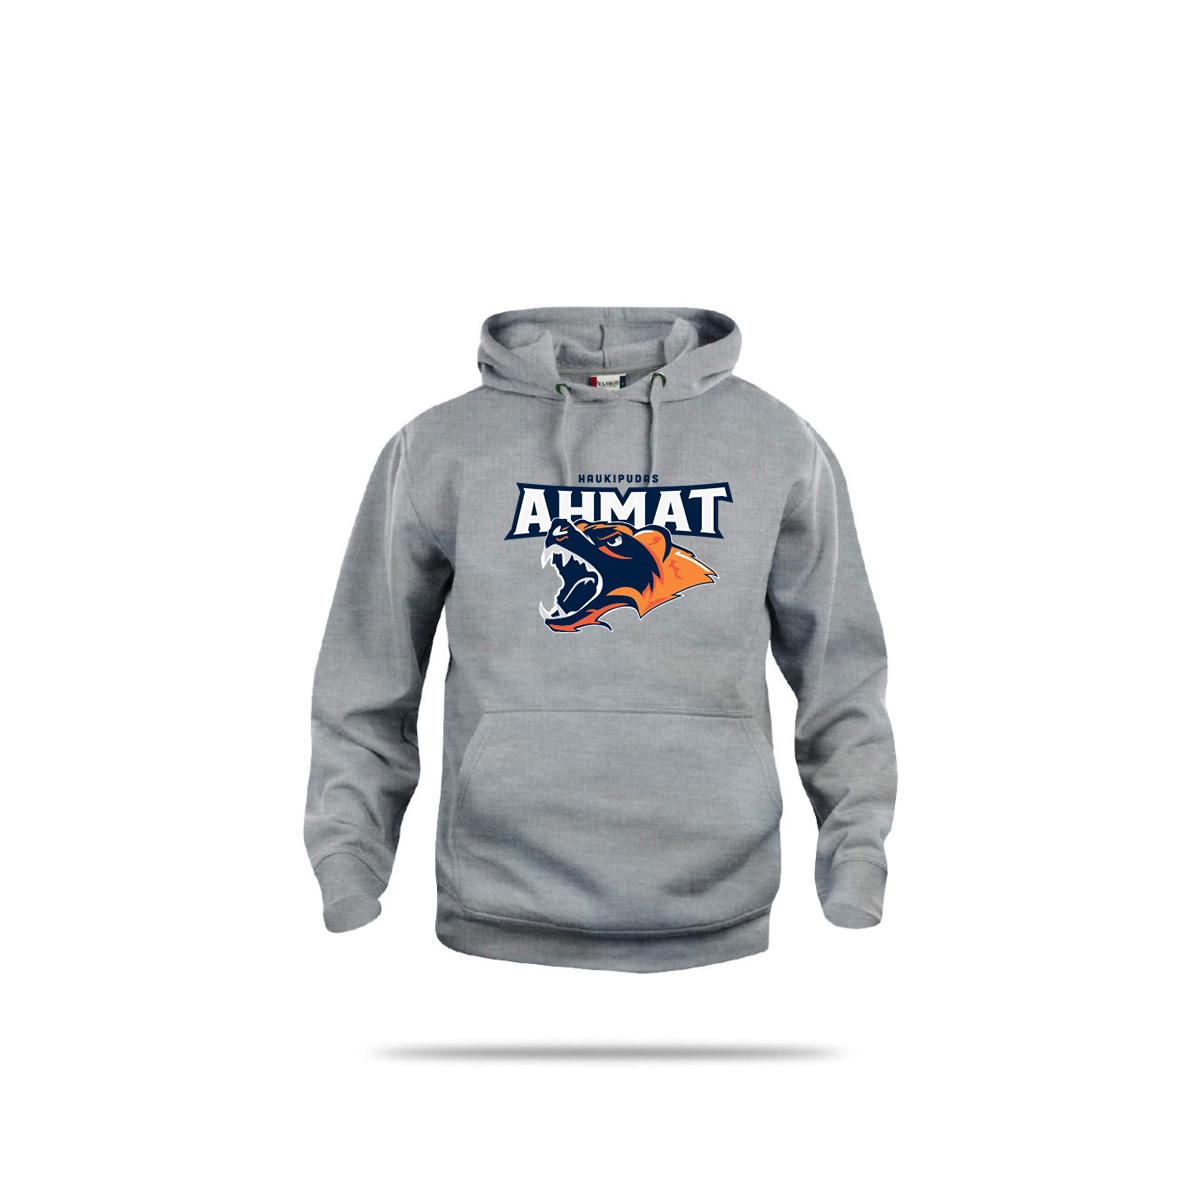 Ahmat-fani-3026-harmaa-original